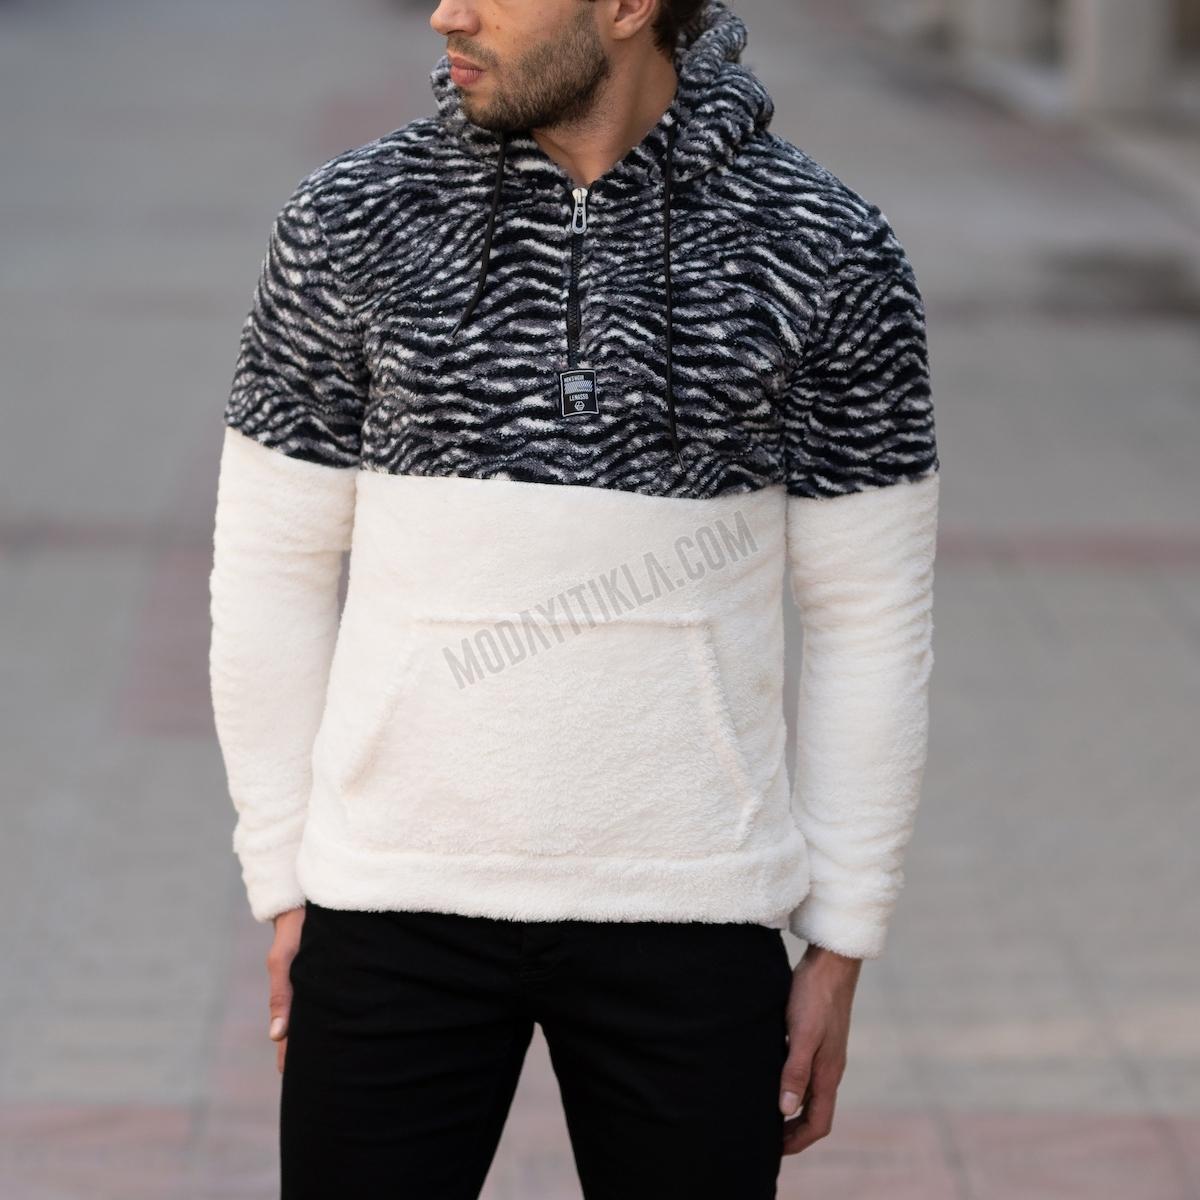 Erkek Polar Zebra Desenli Kapüşonlu SweatShirt